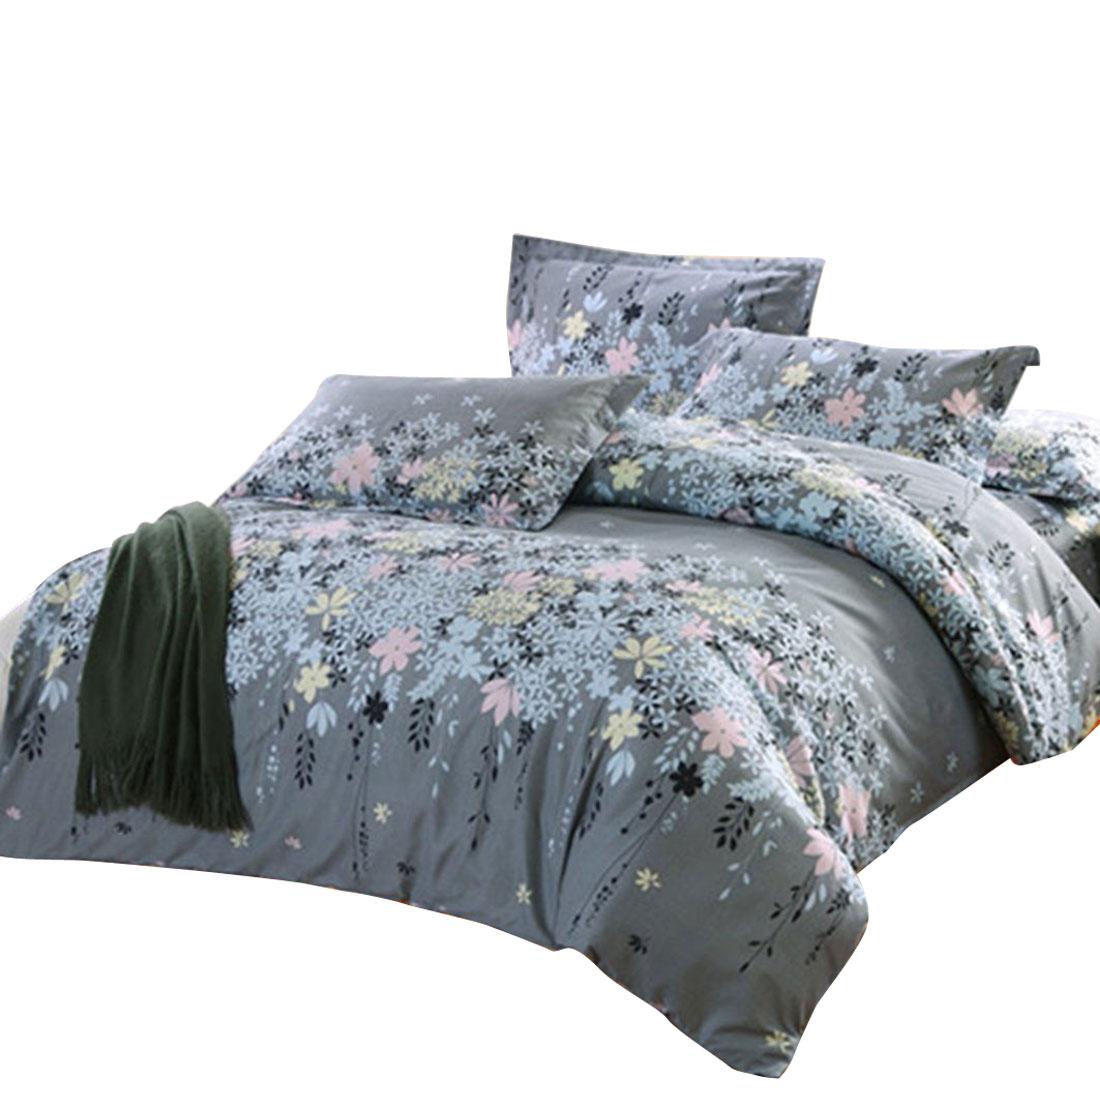 Floral Vine Pattern Duvet Cover Pillowcase Quilt Cover Bedding Set Single Size